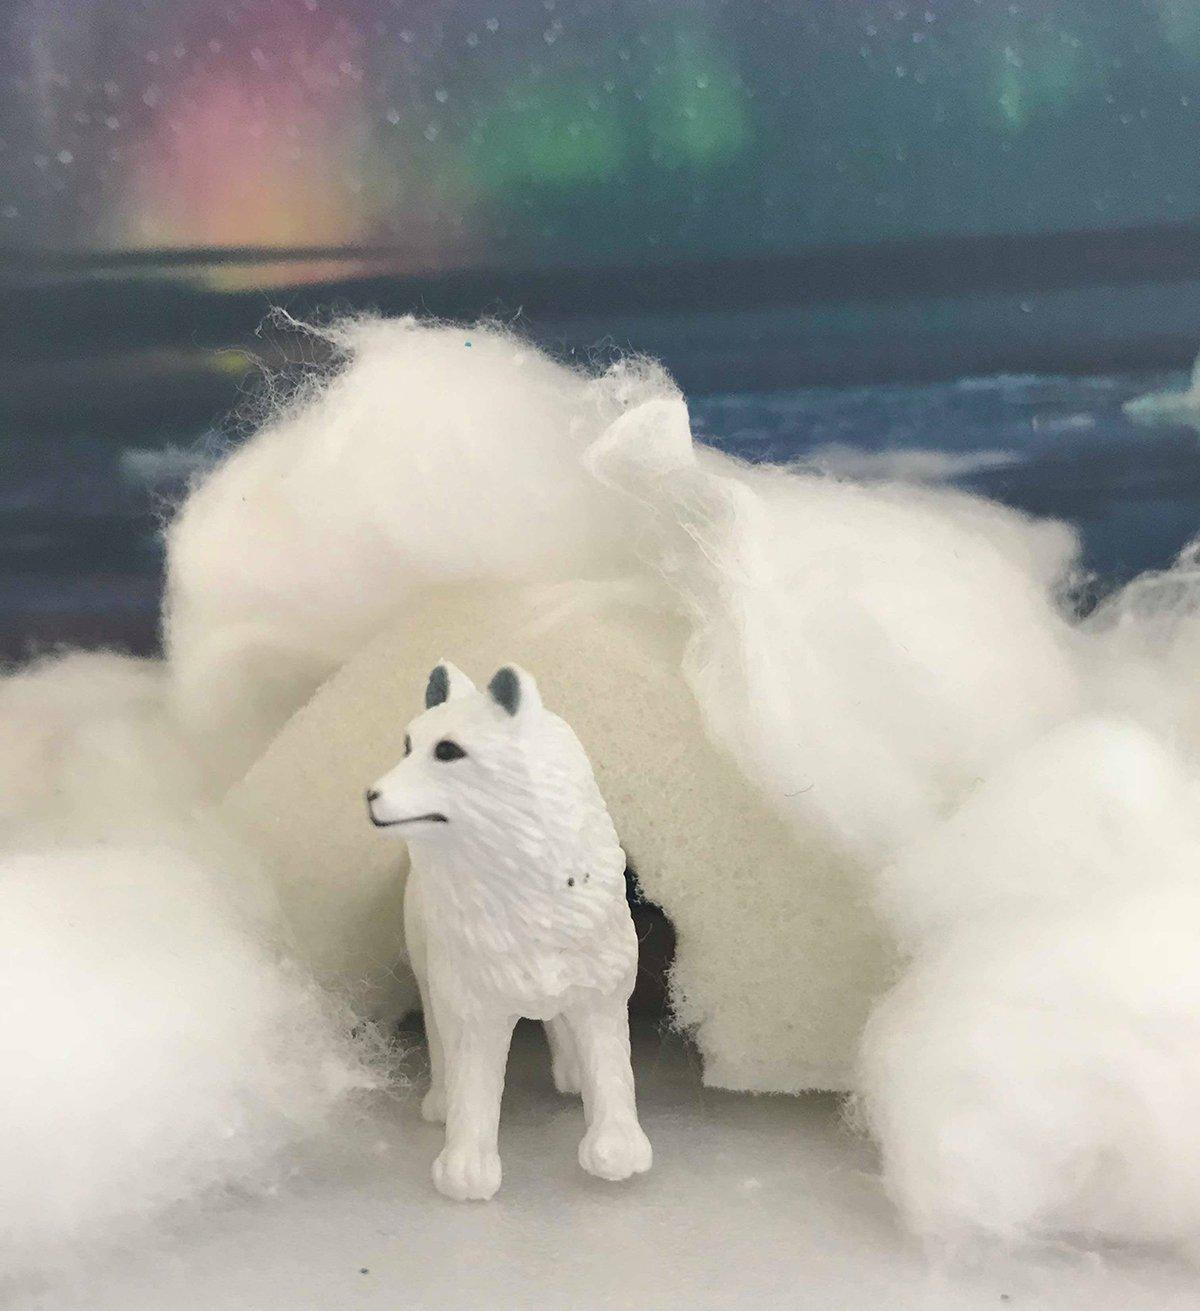 Snowy Owl Diorama Ideas